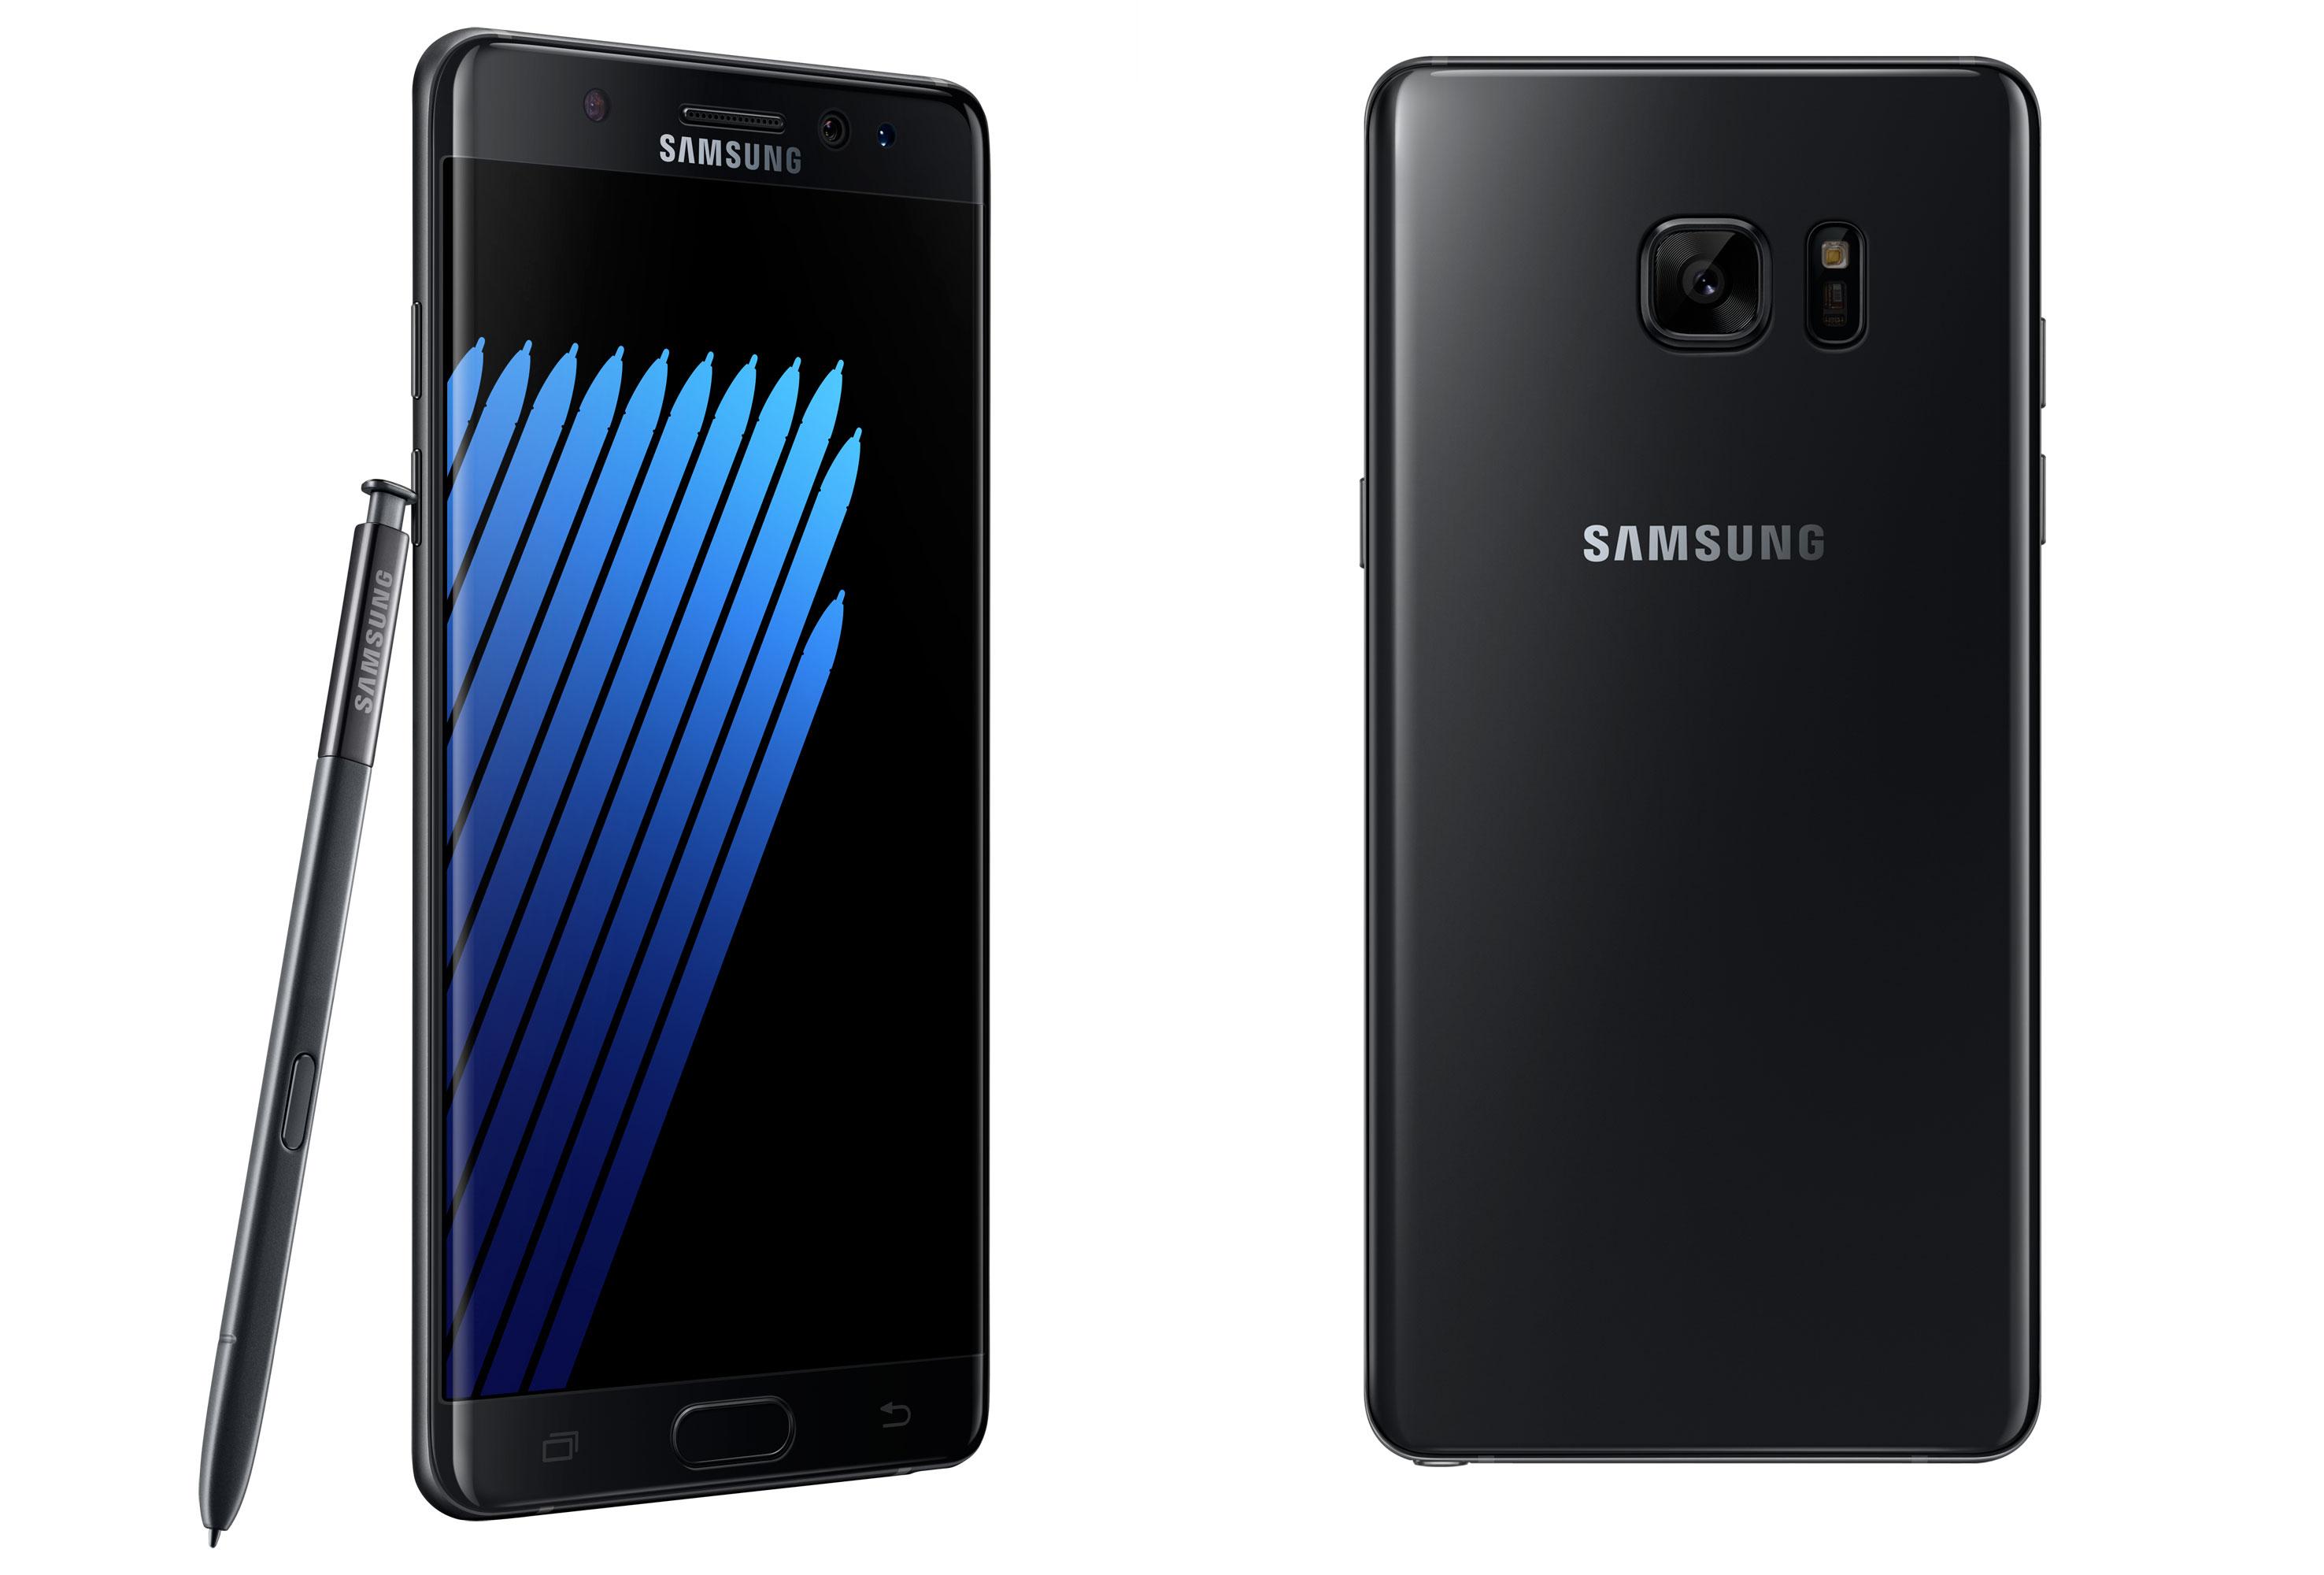 Samsung todavía no sabe por qué los Galaxy Note 7 se